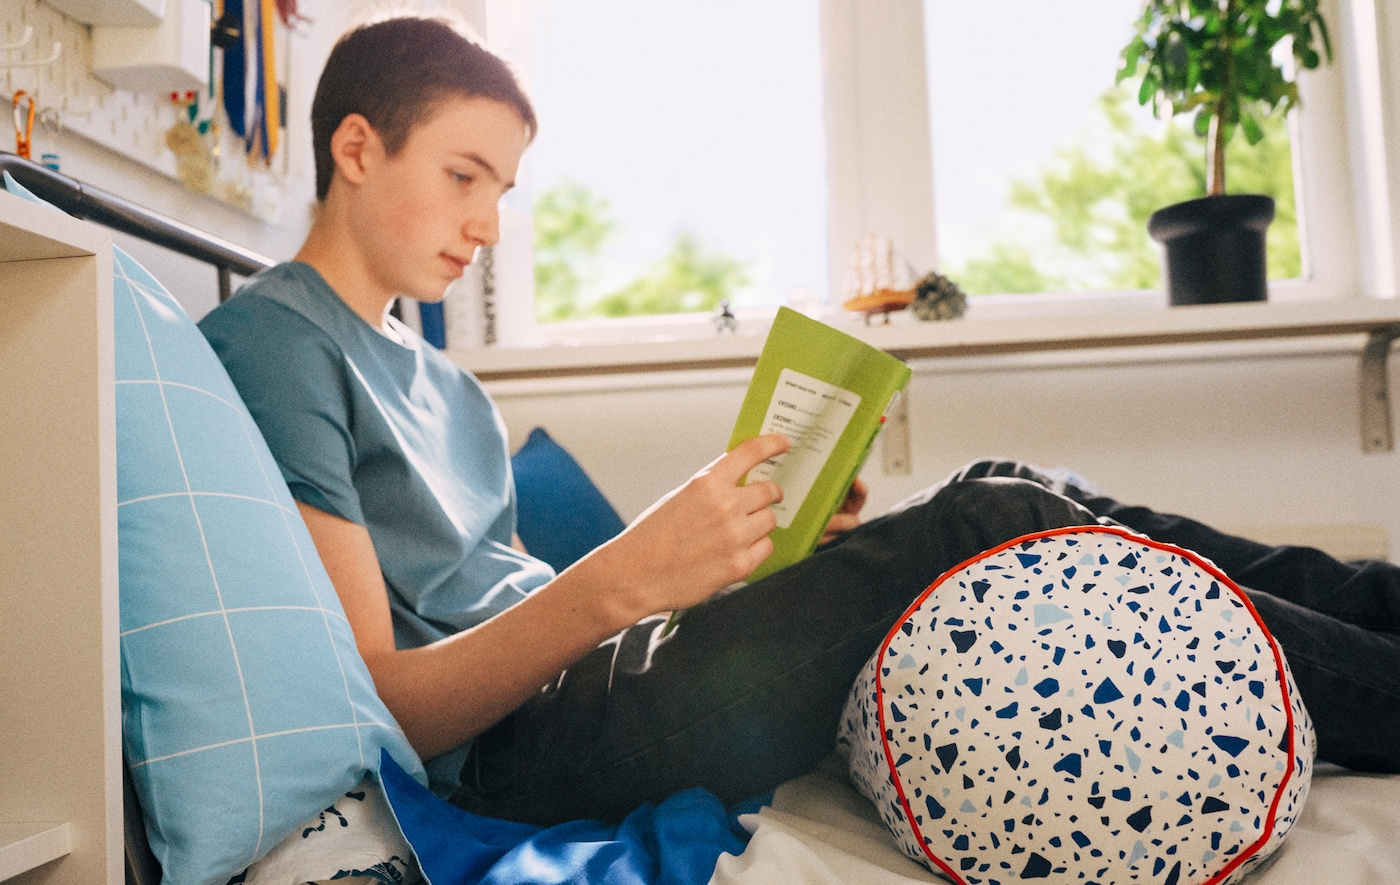 Um rapaz em idade escolar está sentado na cama a ler, encostado a uma almofada e com as pernas sobre uma almofada MÖJLIGHET.